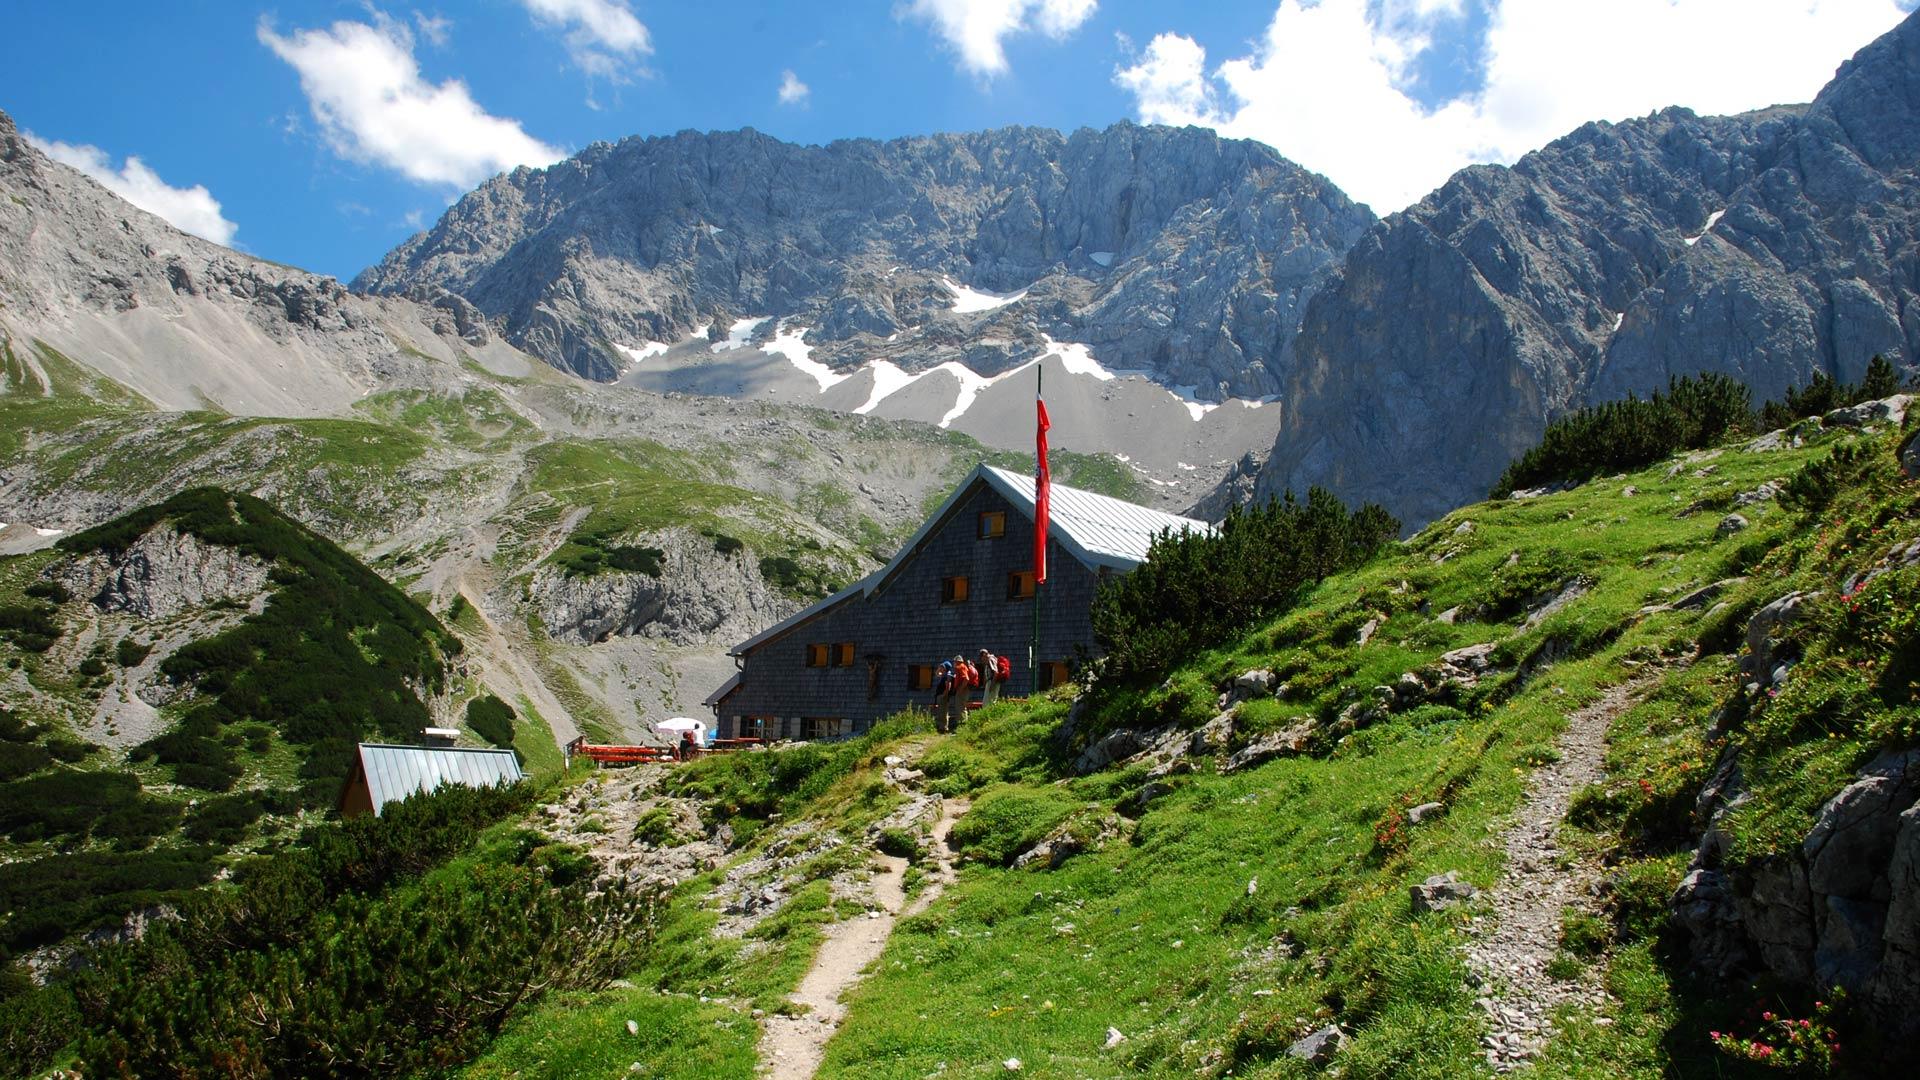 Klettersteig Coburger Hütte : Coburger hütte von der bergstation ehrwalder almbahn